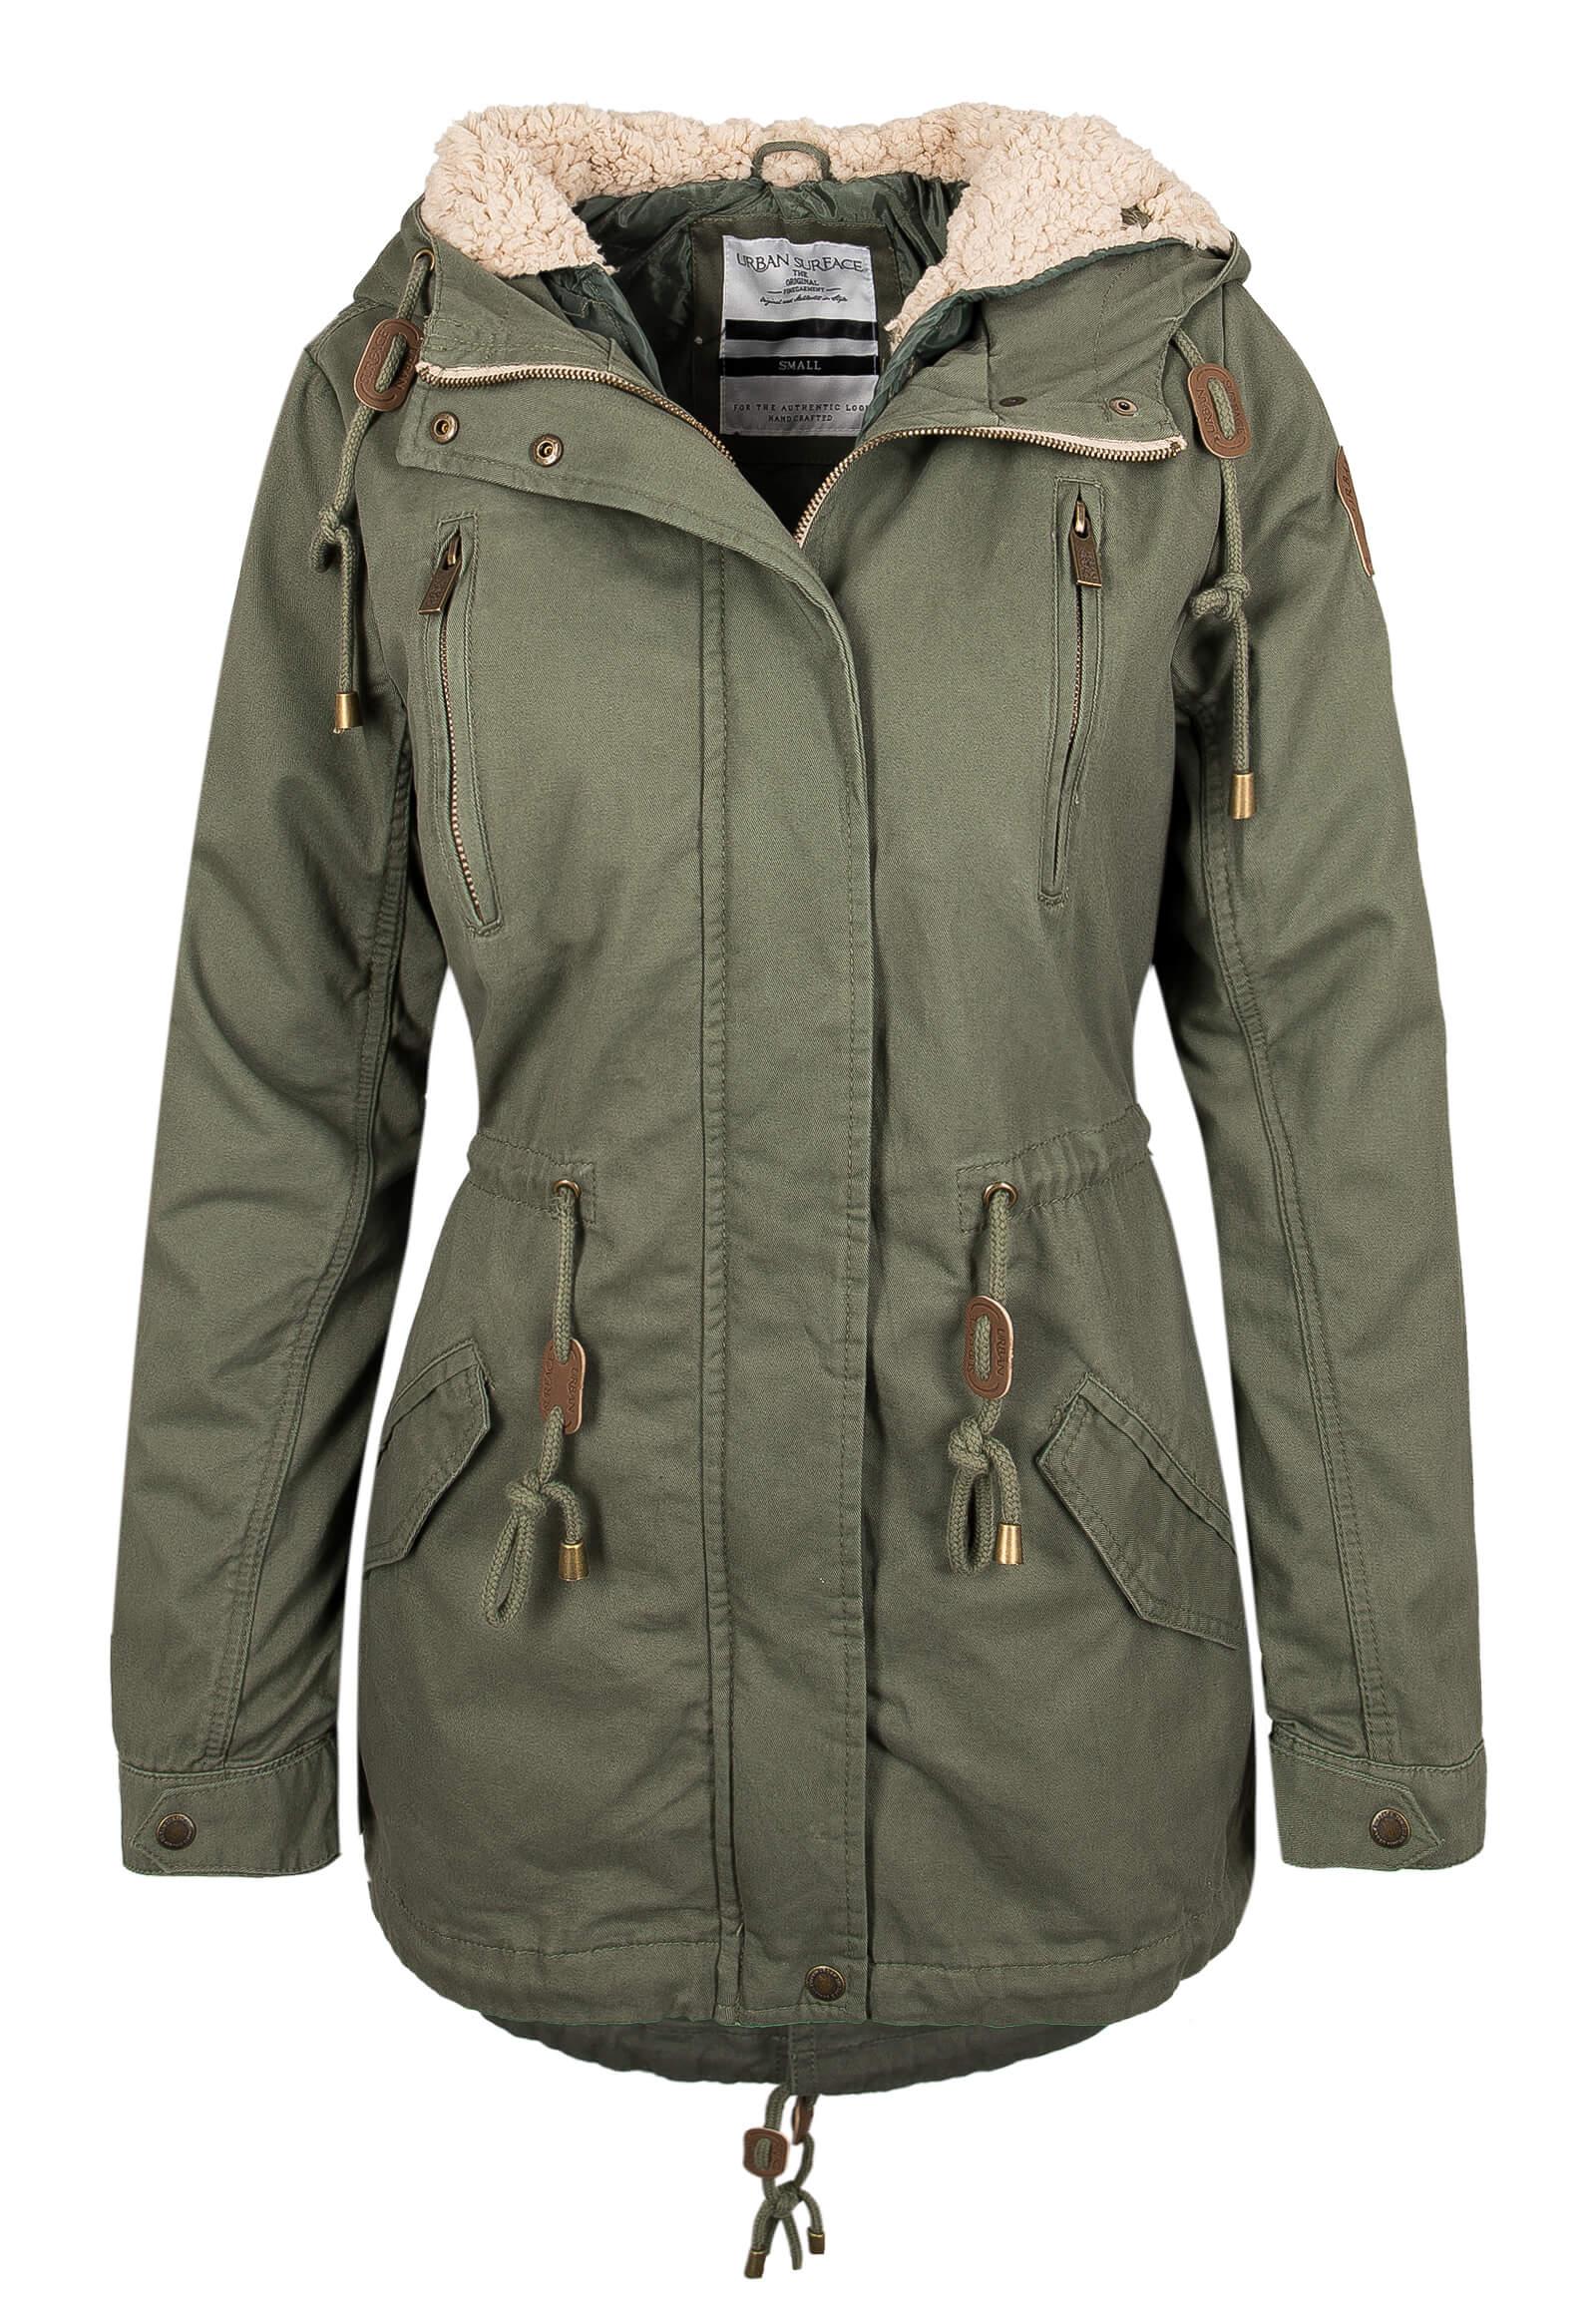 Welche Jacke passt zu mir? Der ultimative Guide zu deiner